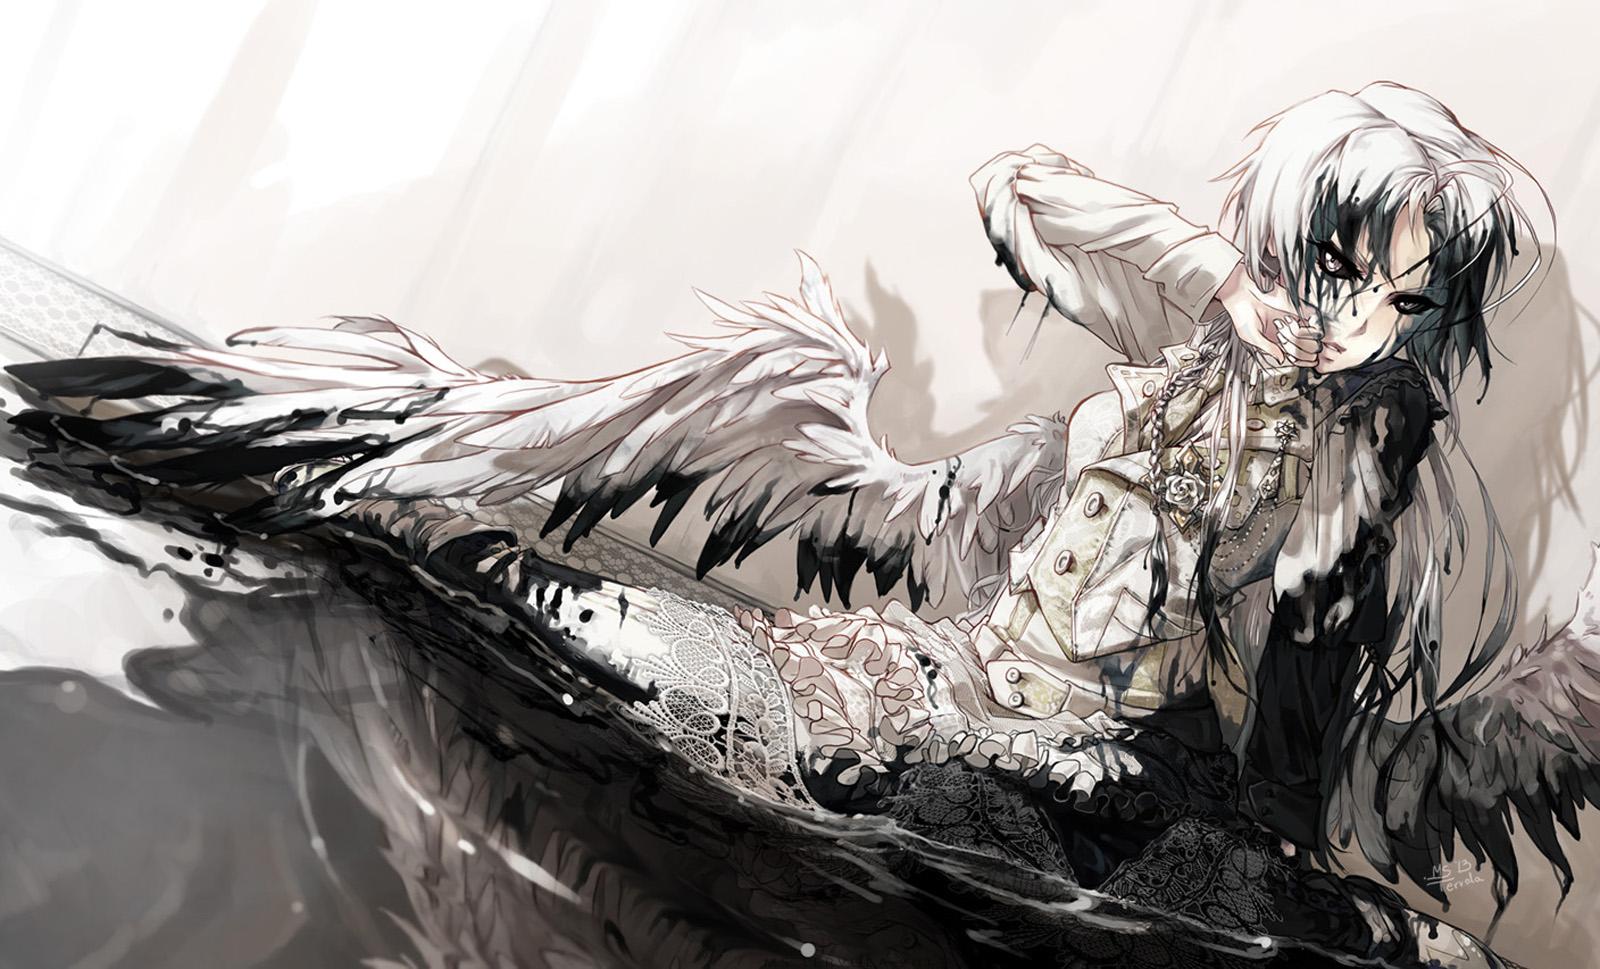 Angel wings black monochrome wings Female Girl anime hd wallpaper 1600x969